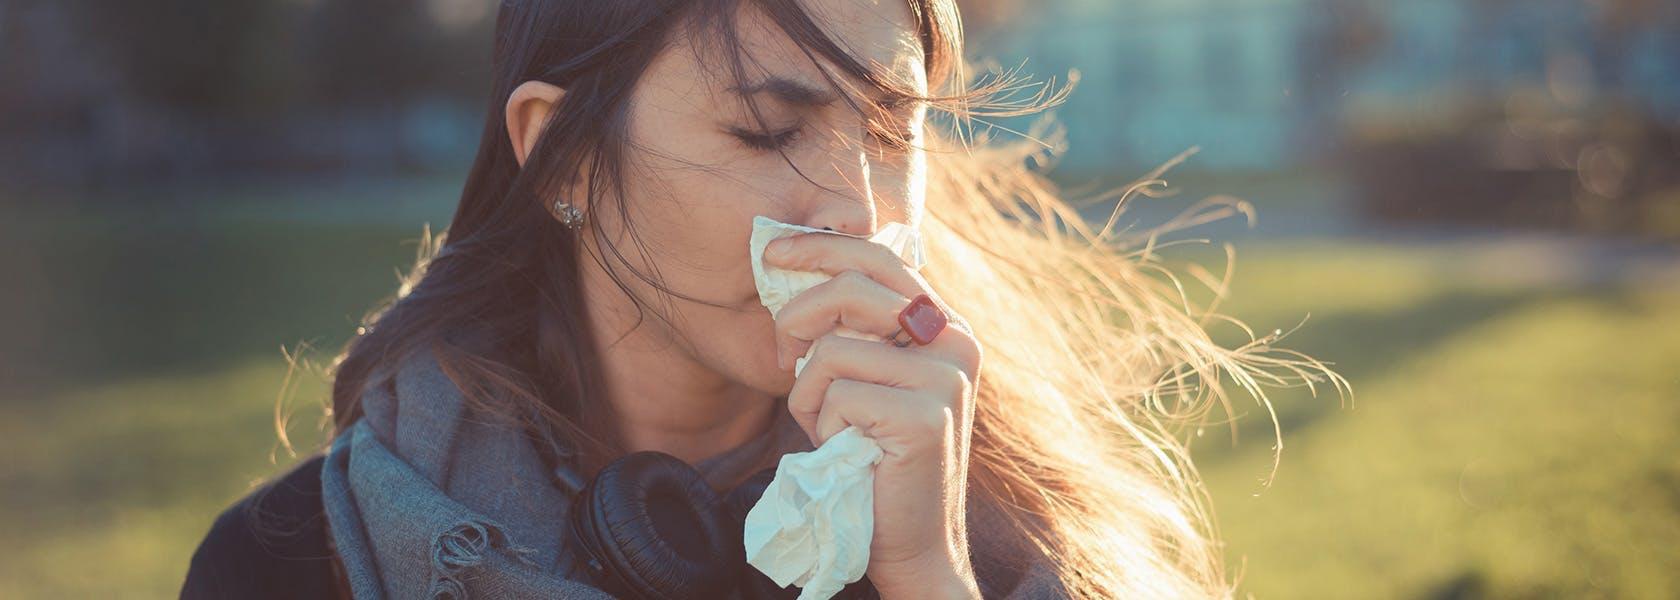 Mujer con congestión nasal limpiando su nariz.